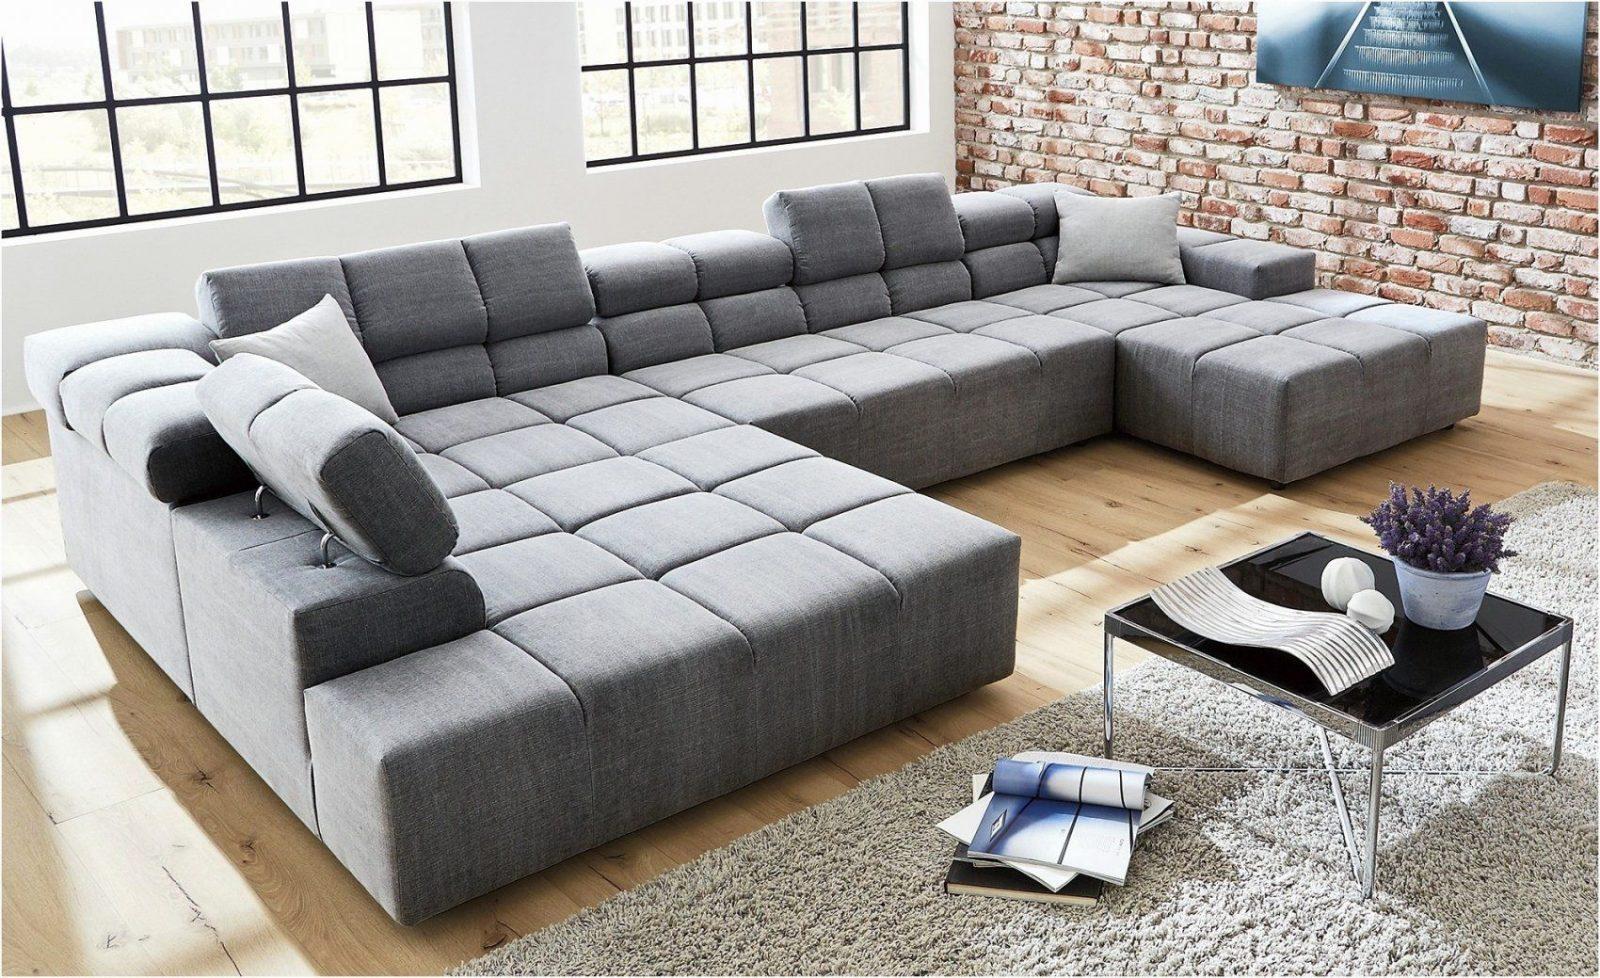 Fresh Big Sofa Xxl Wohnlandschaft Scha N Sofas Xxl Lutz Image Von